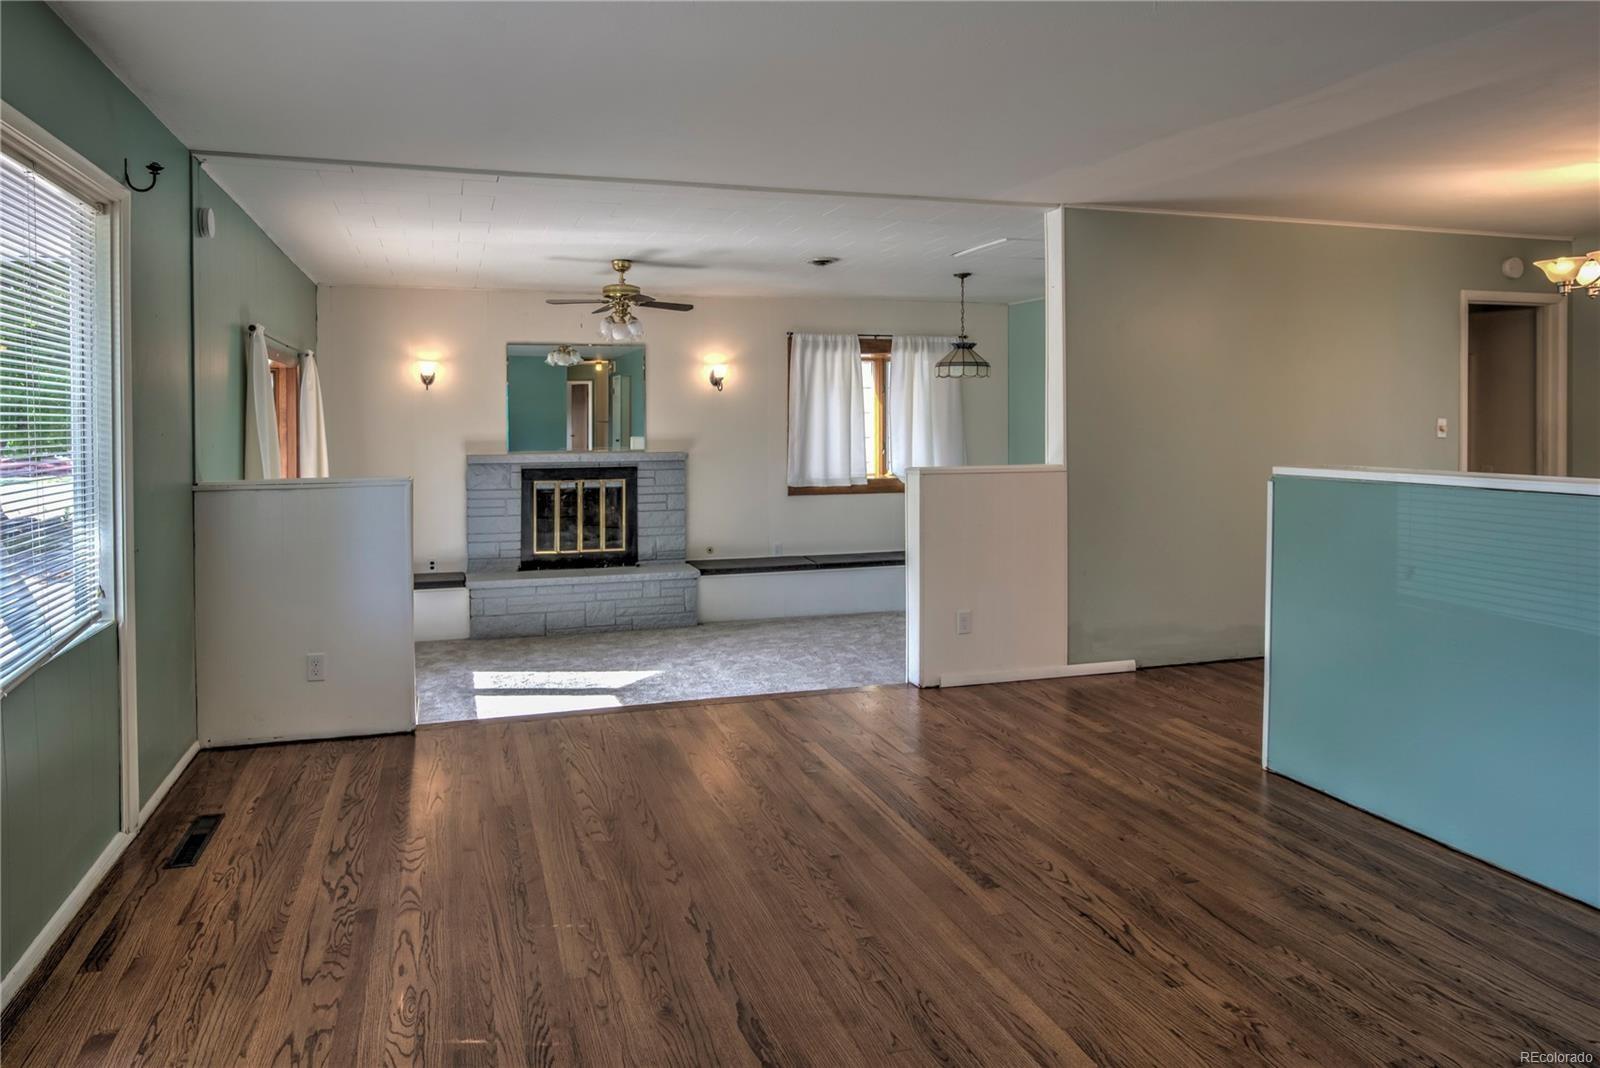 MLS# 4355129 - 3 - 1506 Querida Drive, Colorado Springs, CO 80909